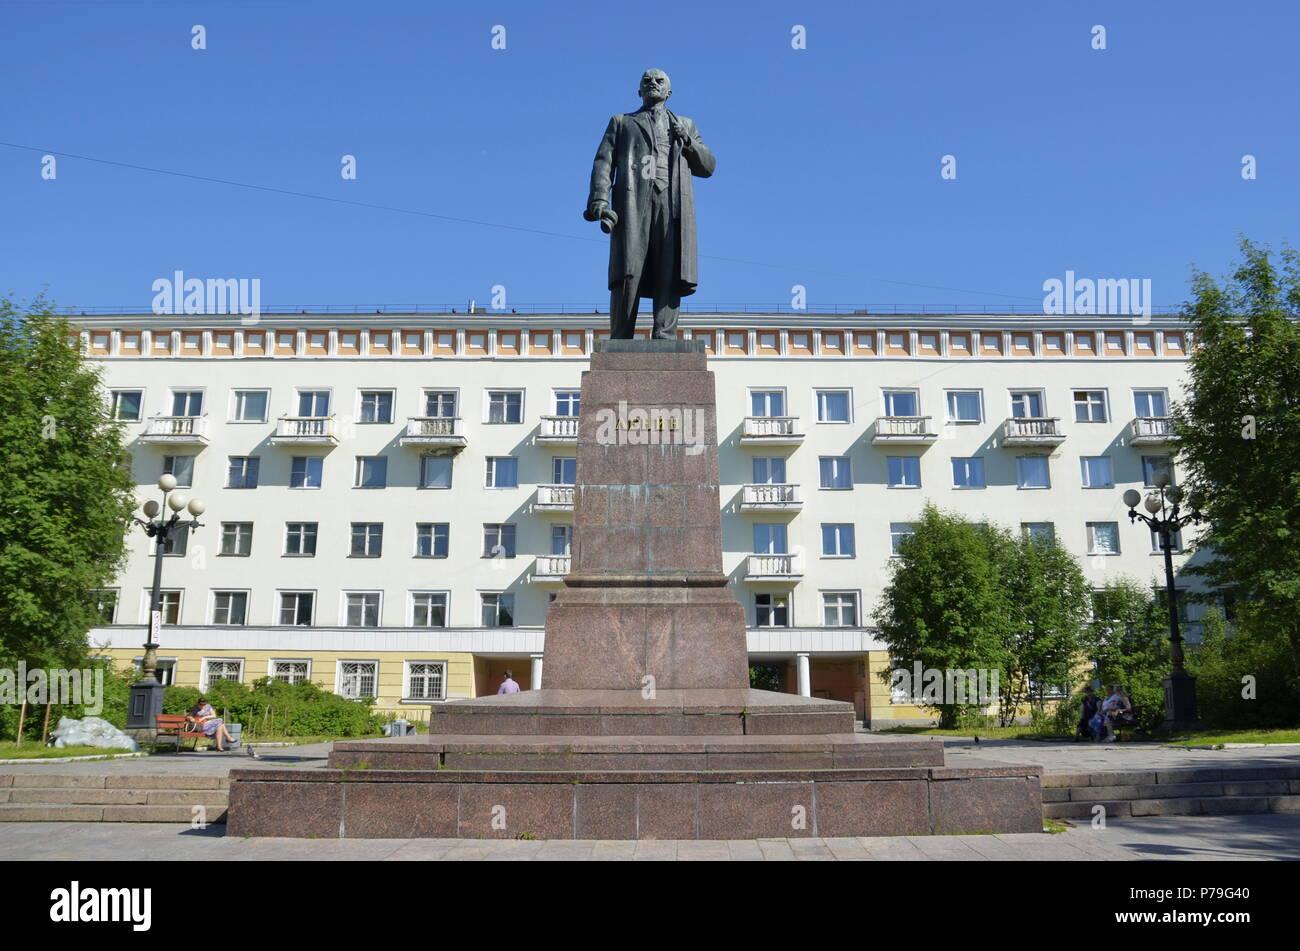 Lenin Statue in Murmansk, Russia - Stock Image